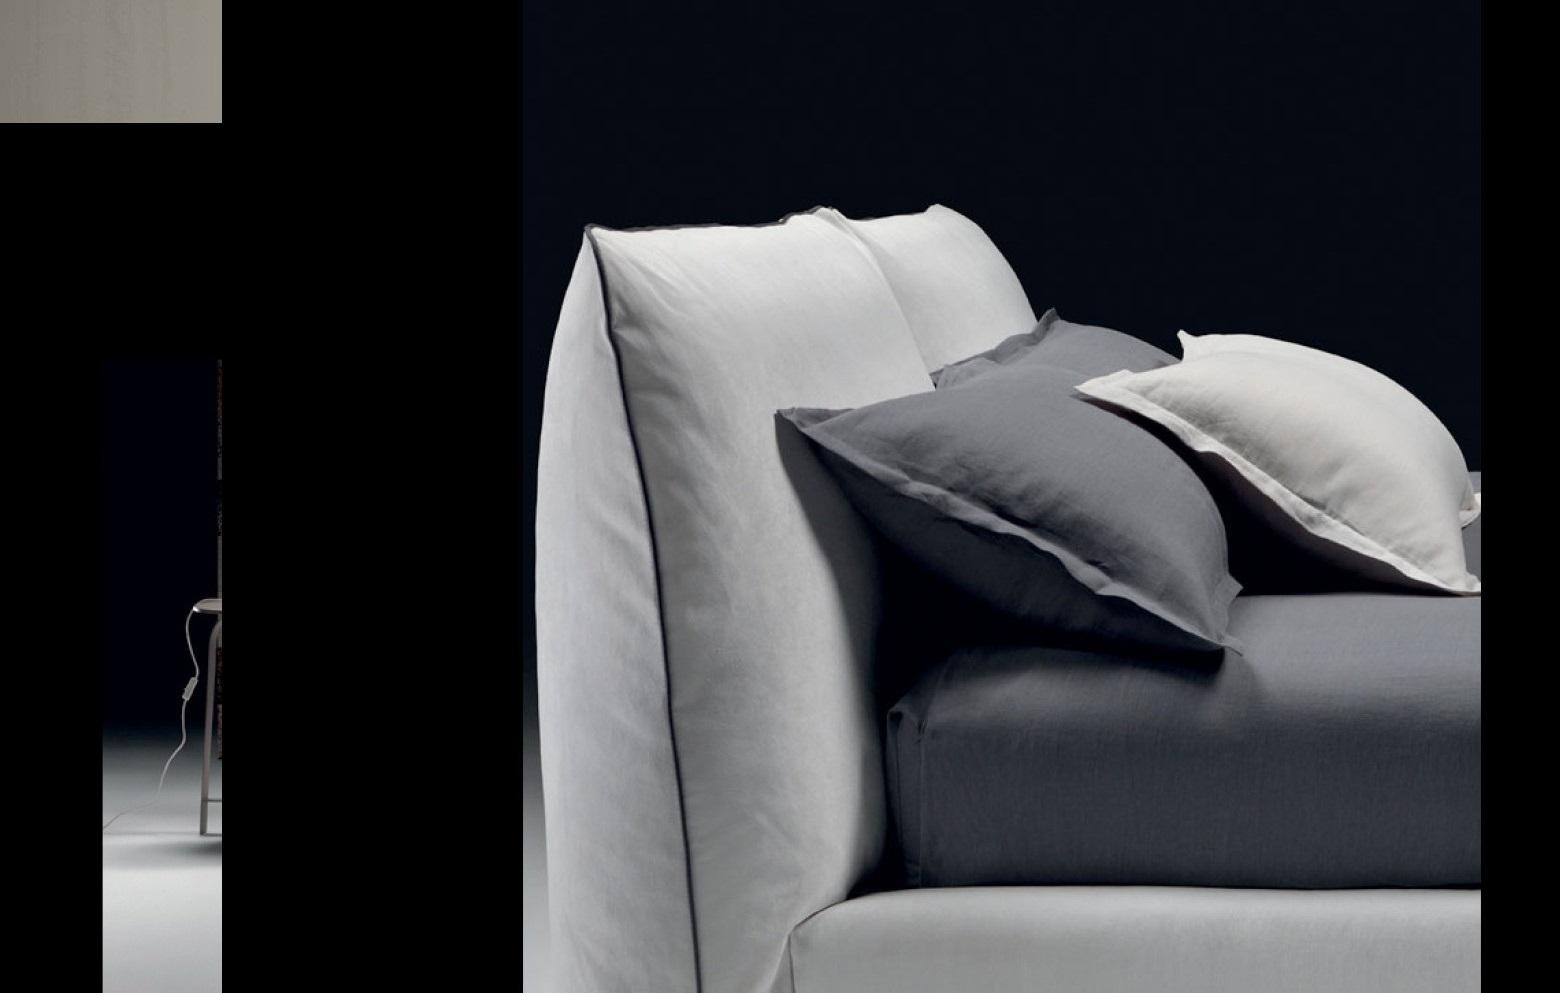 Full Size of Bett 200x180 Doppelbett Antik Kopfteile Für Betten Modernes 180x200 140x200 Mit Matratze Und Lattenrost Massiv Weiß 90x200 Leander Bettkasten Prinzessin Bett Bett 200x180